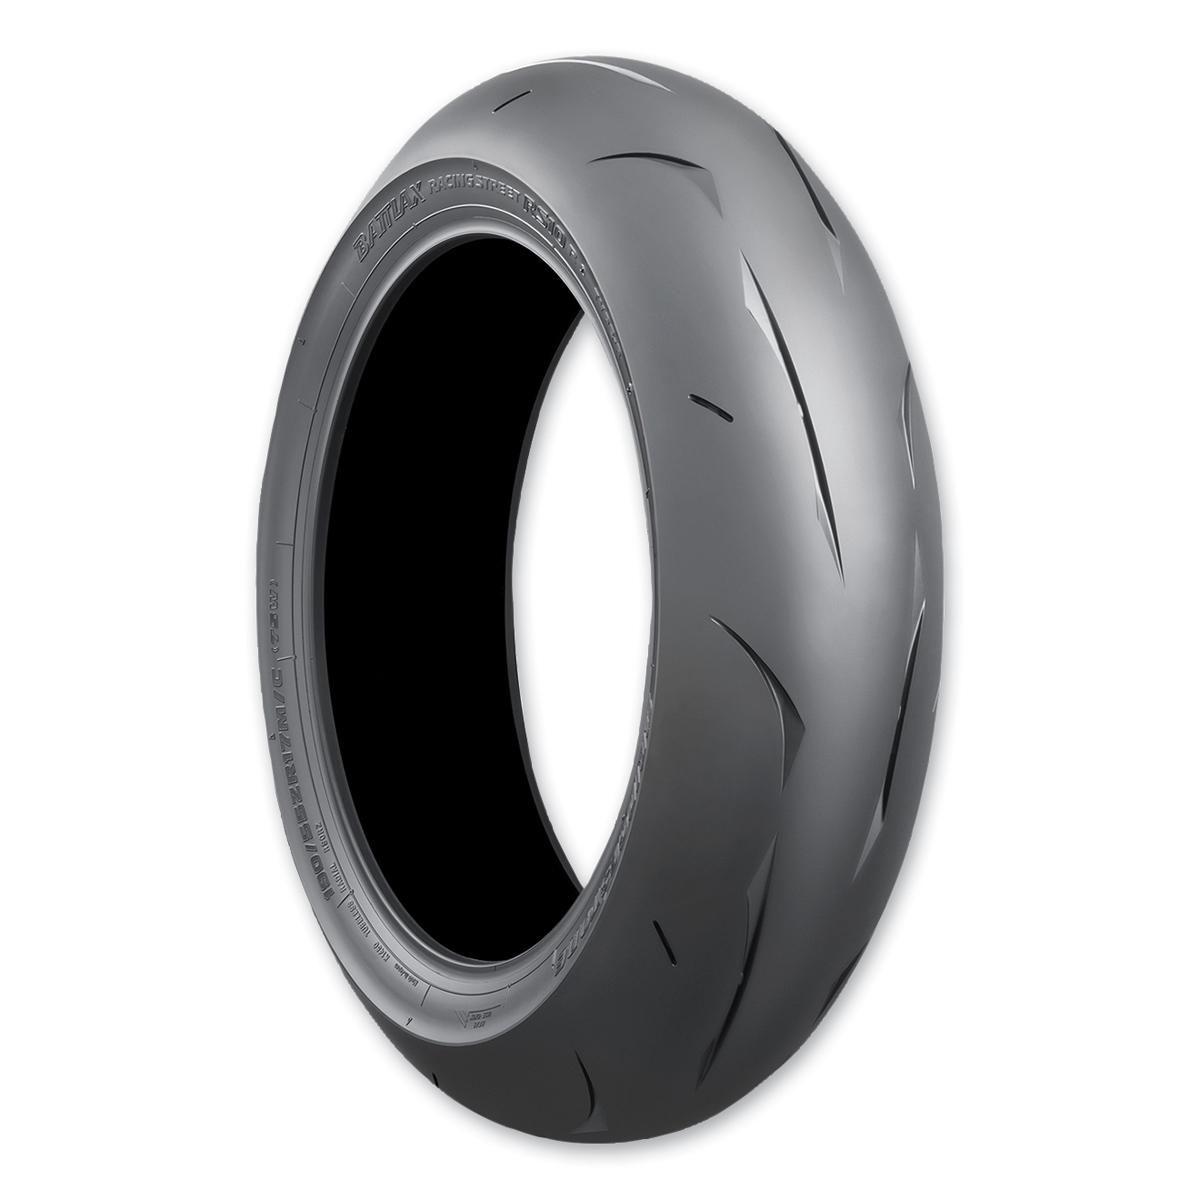 Bridgestone RS10-G 190/55ZR17 Rear Tire